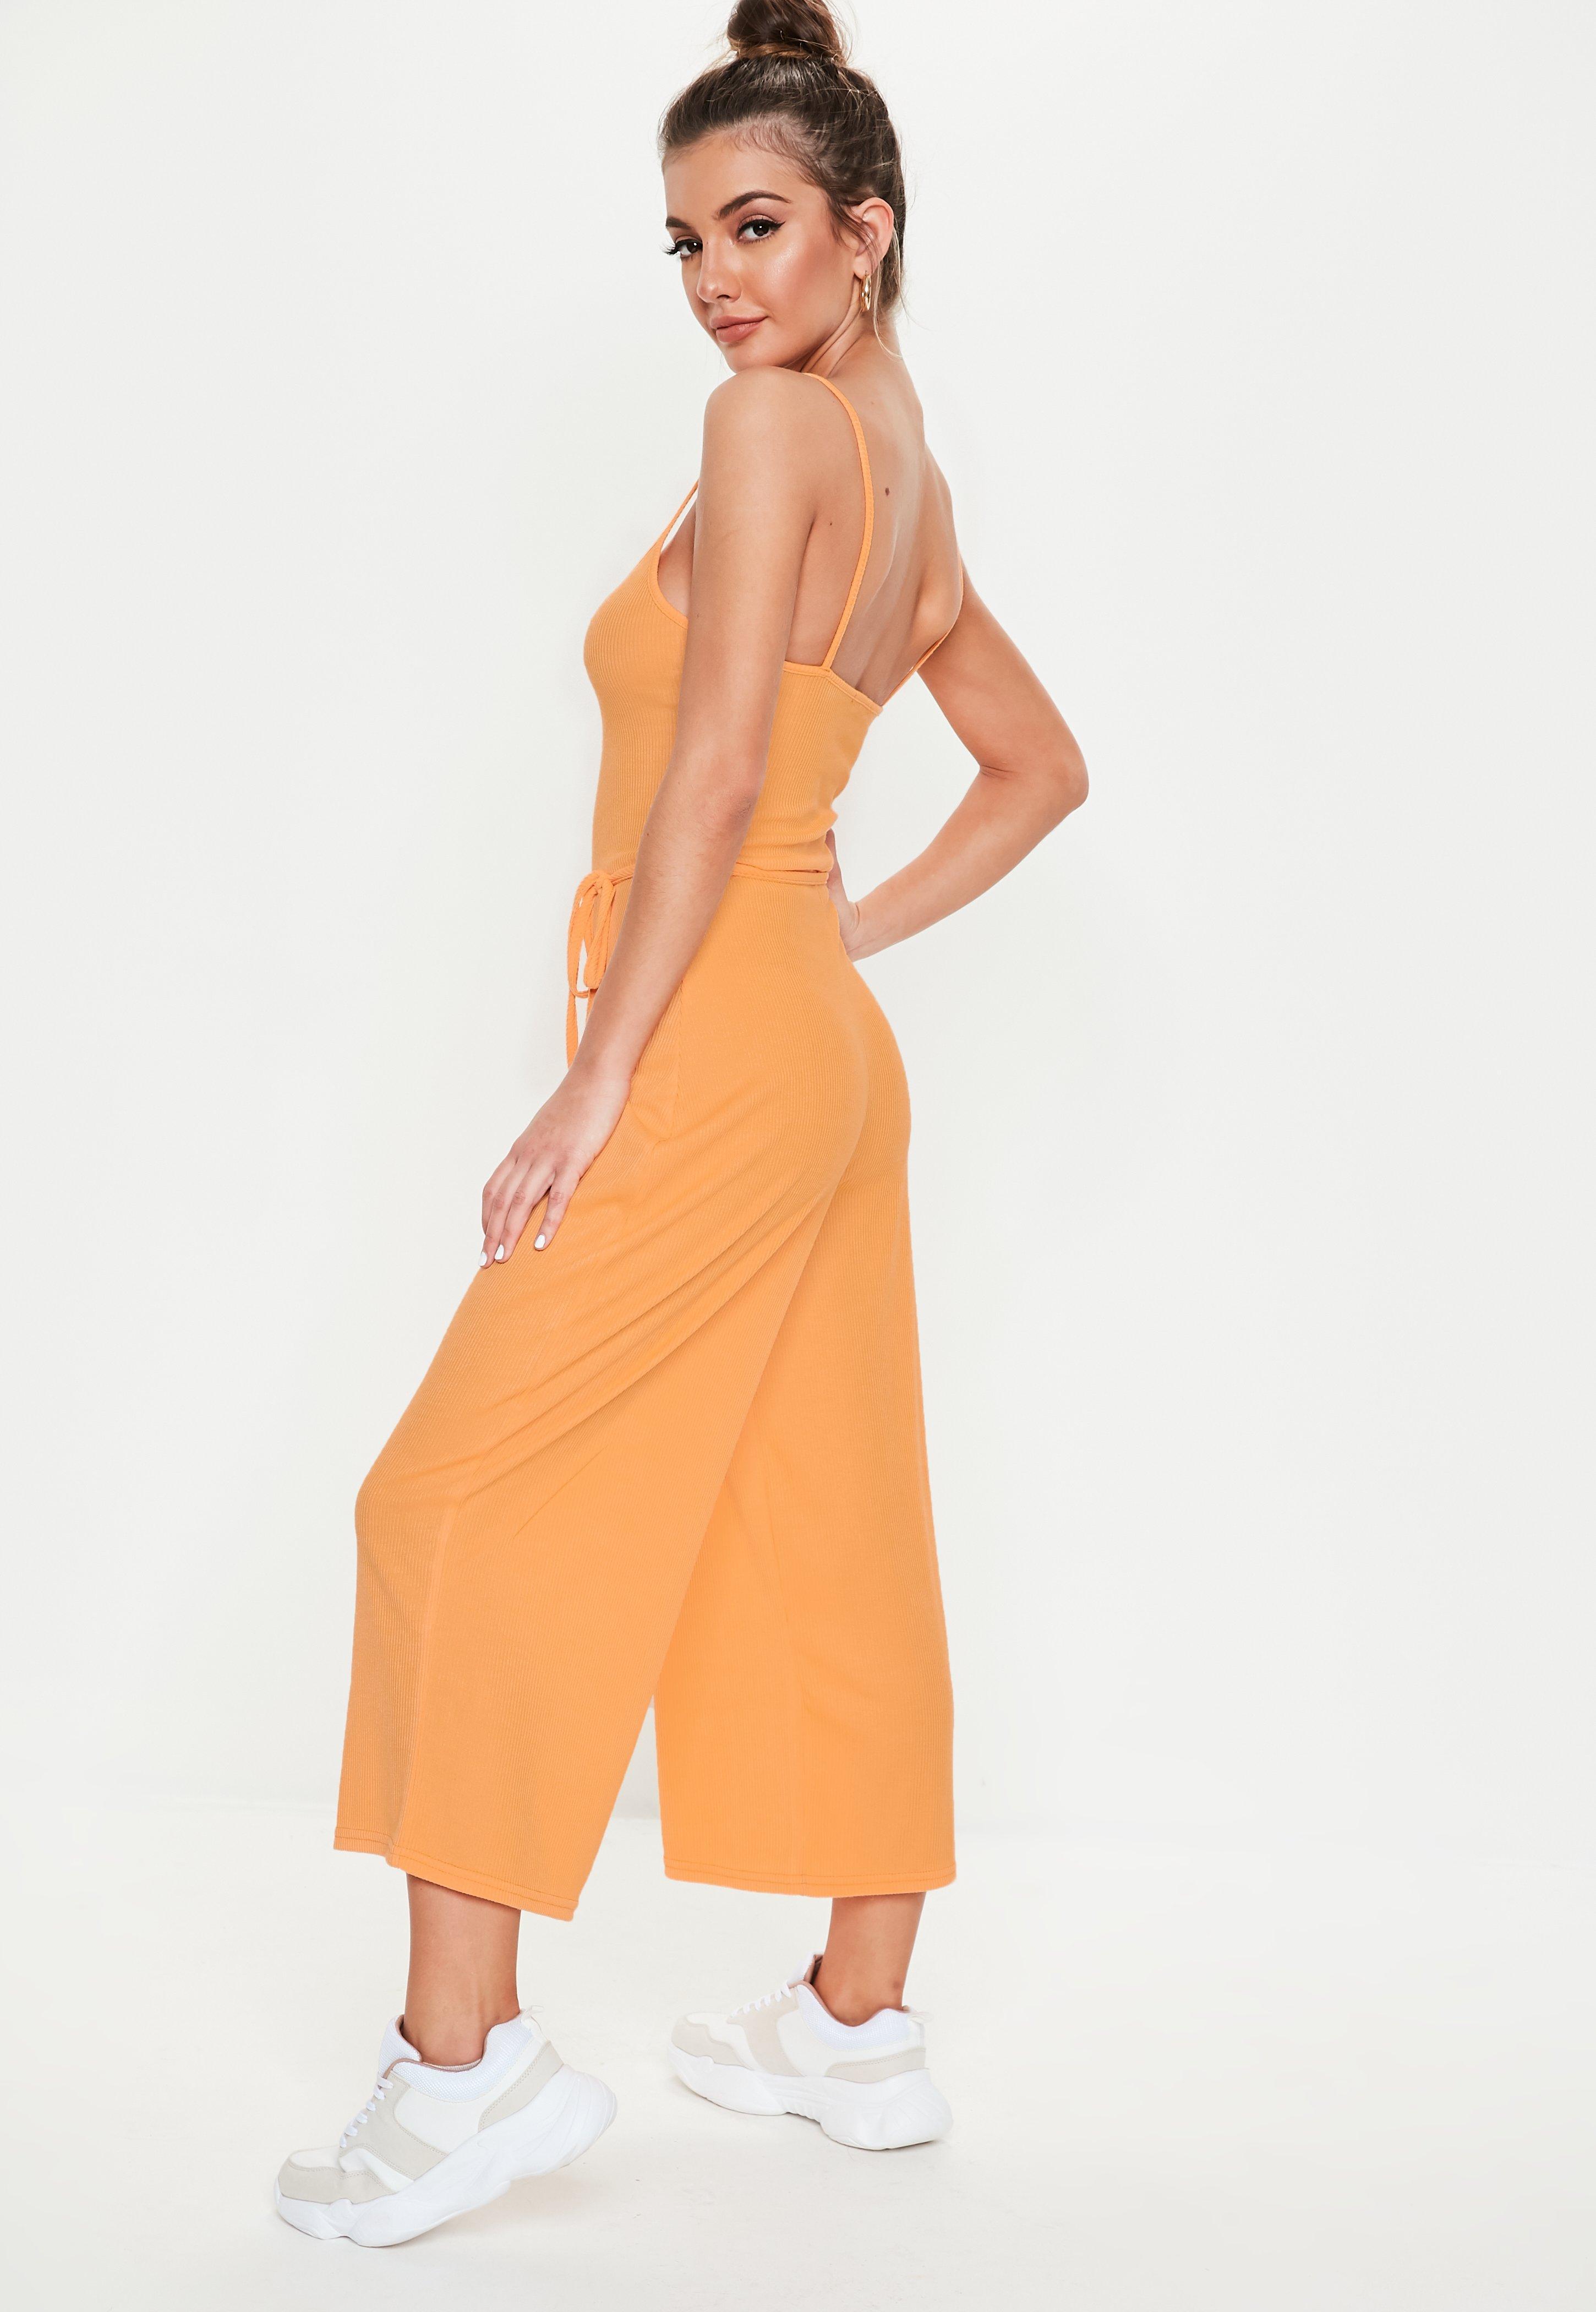 b4cc9b1dfff Missguided - Orange Rib Cami Culotte Jumpsuit - Lyst. View fullscreen